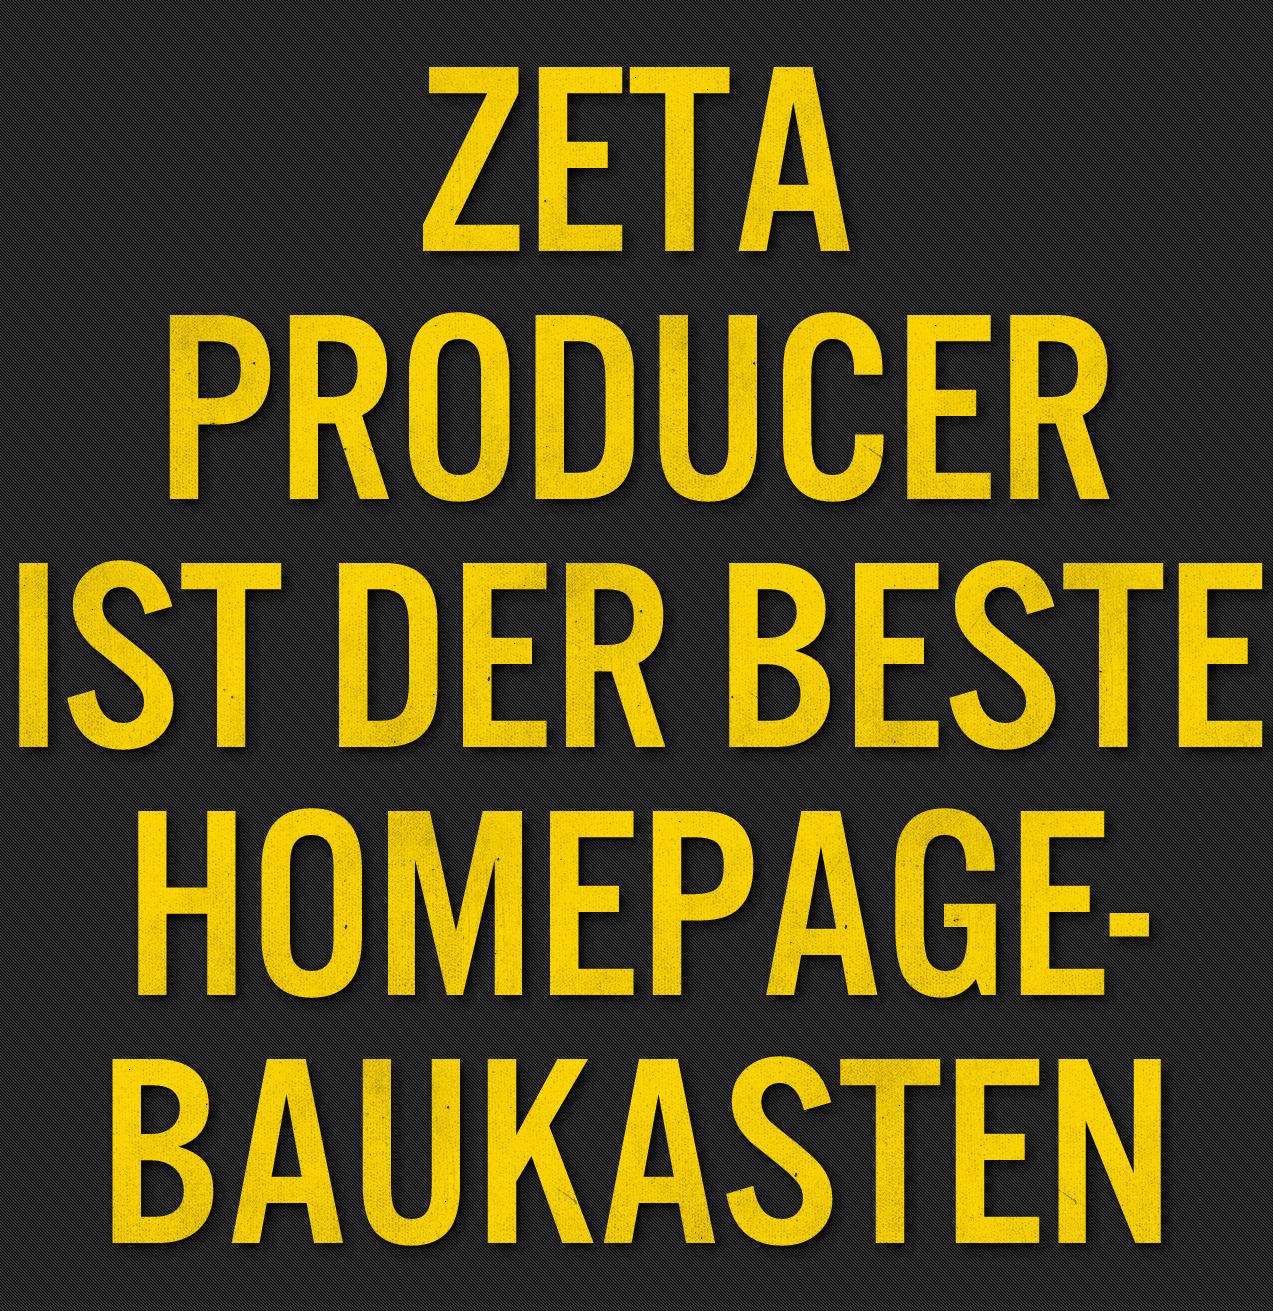 zeta-producer-ist-der-beste-homepage-baukasten